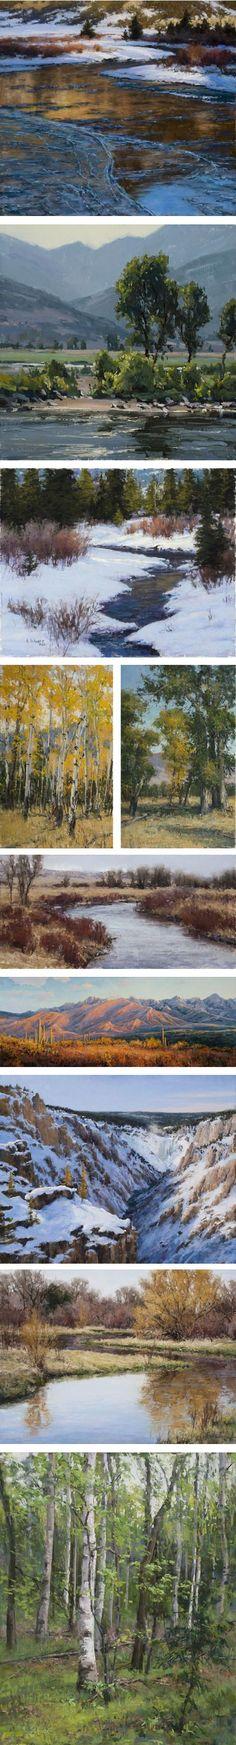 Aaron Schuerr scenes from Montana